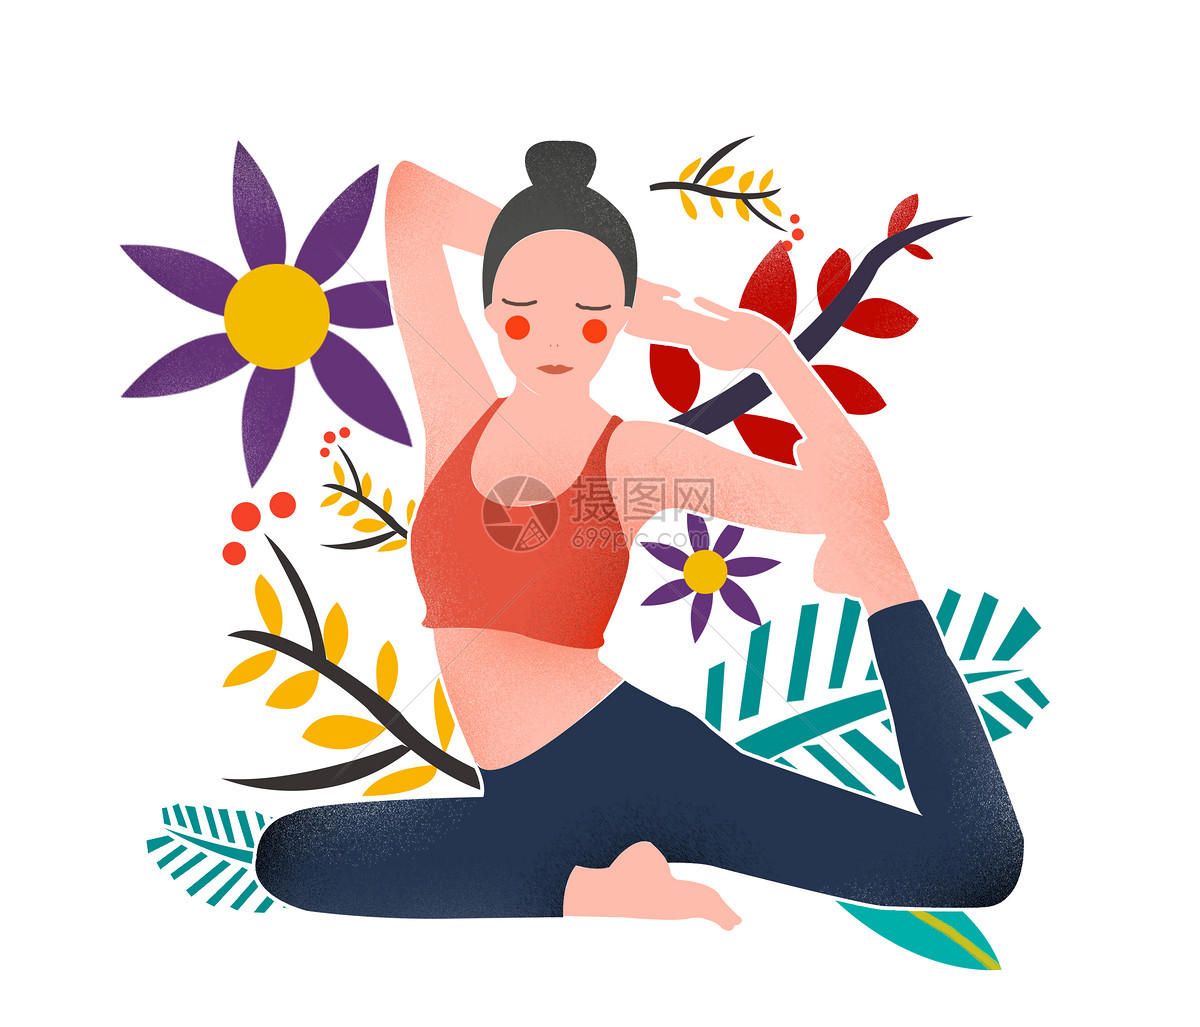 好看的瑜伽图片卡通